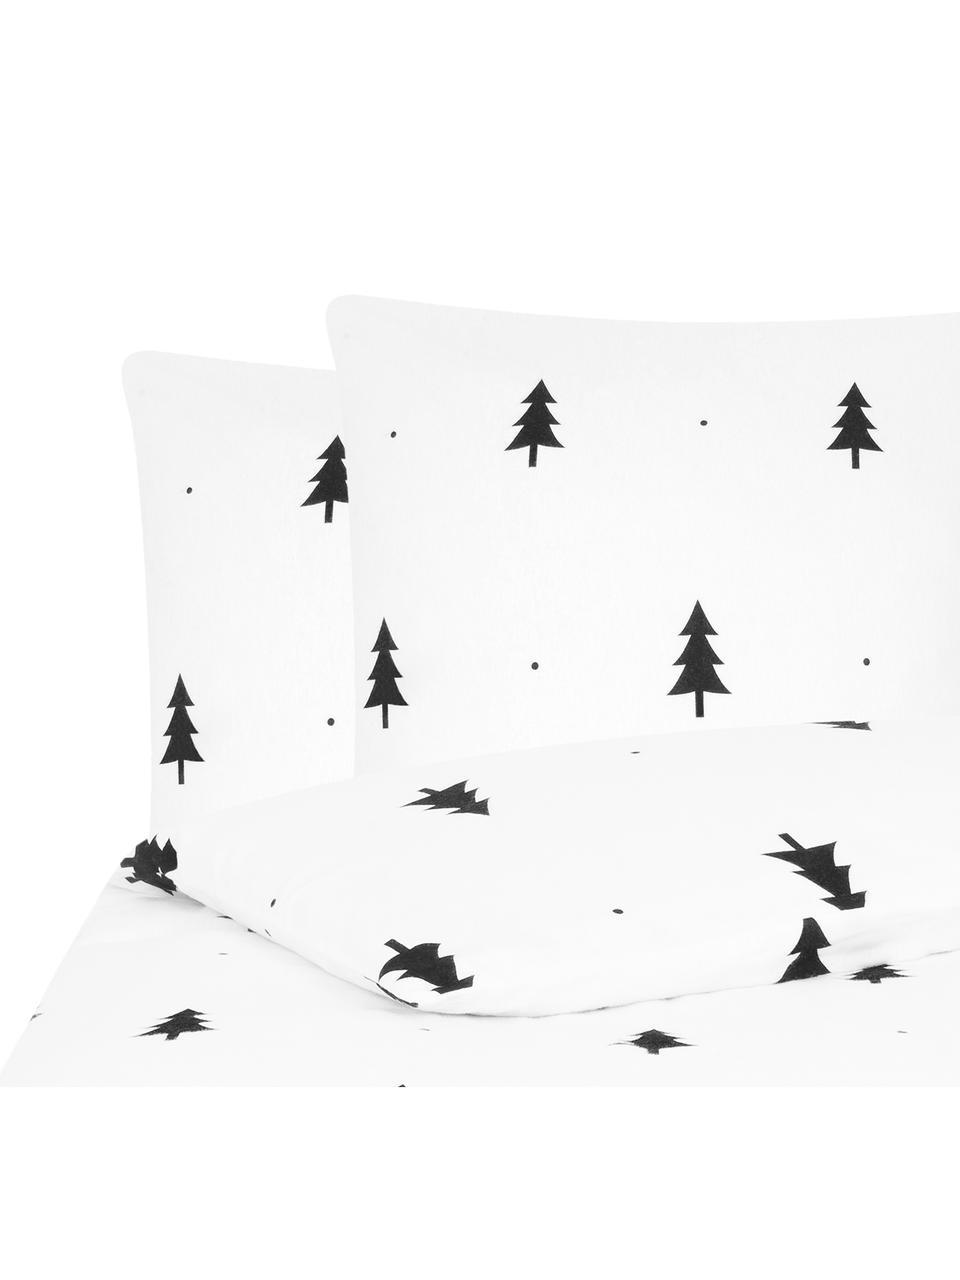 Flanell-Bettwäsche X-mas Tree mit Tannenbäumen, Webart: Flanell Flanell ist ein k, Weiss, Schwarz, 240 x 220 cm + 2 Kissen 80 x 80 cm